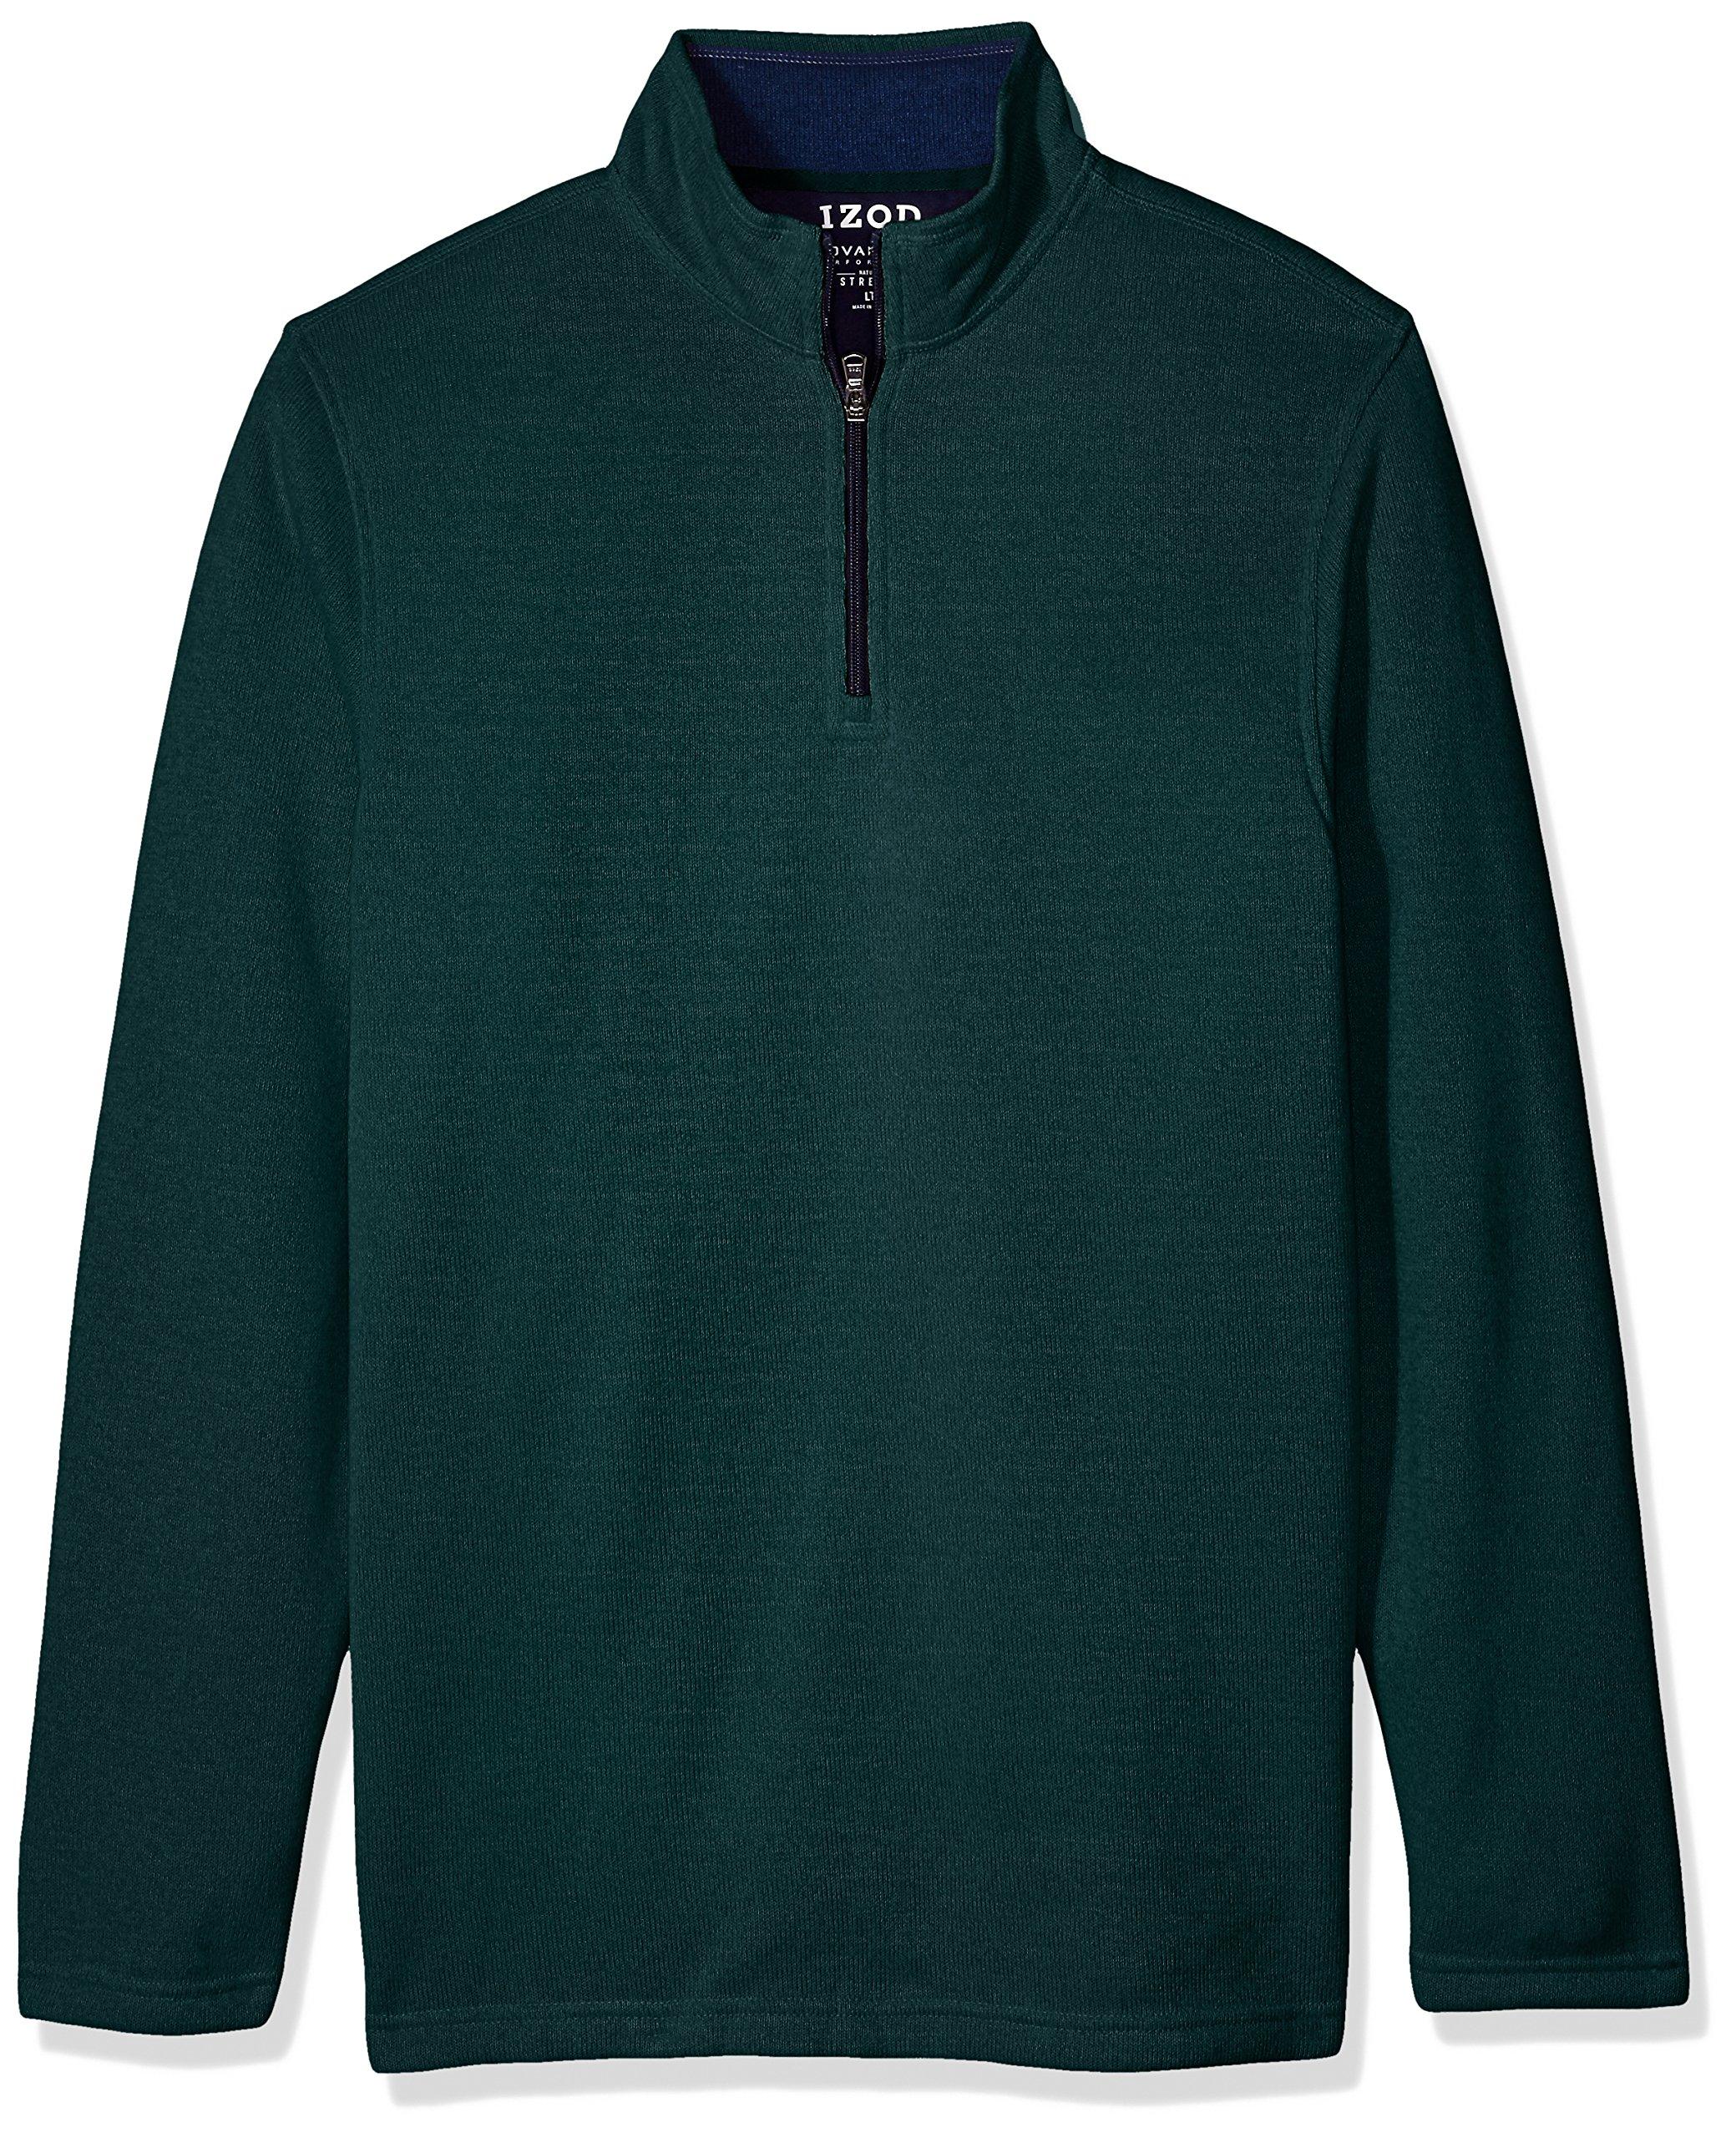 IZOD Men's Big Saltwater Solid 1/4 Zip Sweater, June Bug Heather, Large Tall